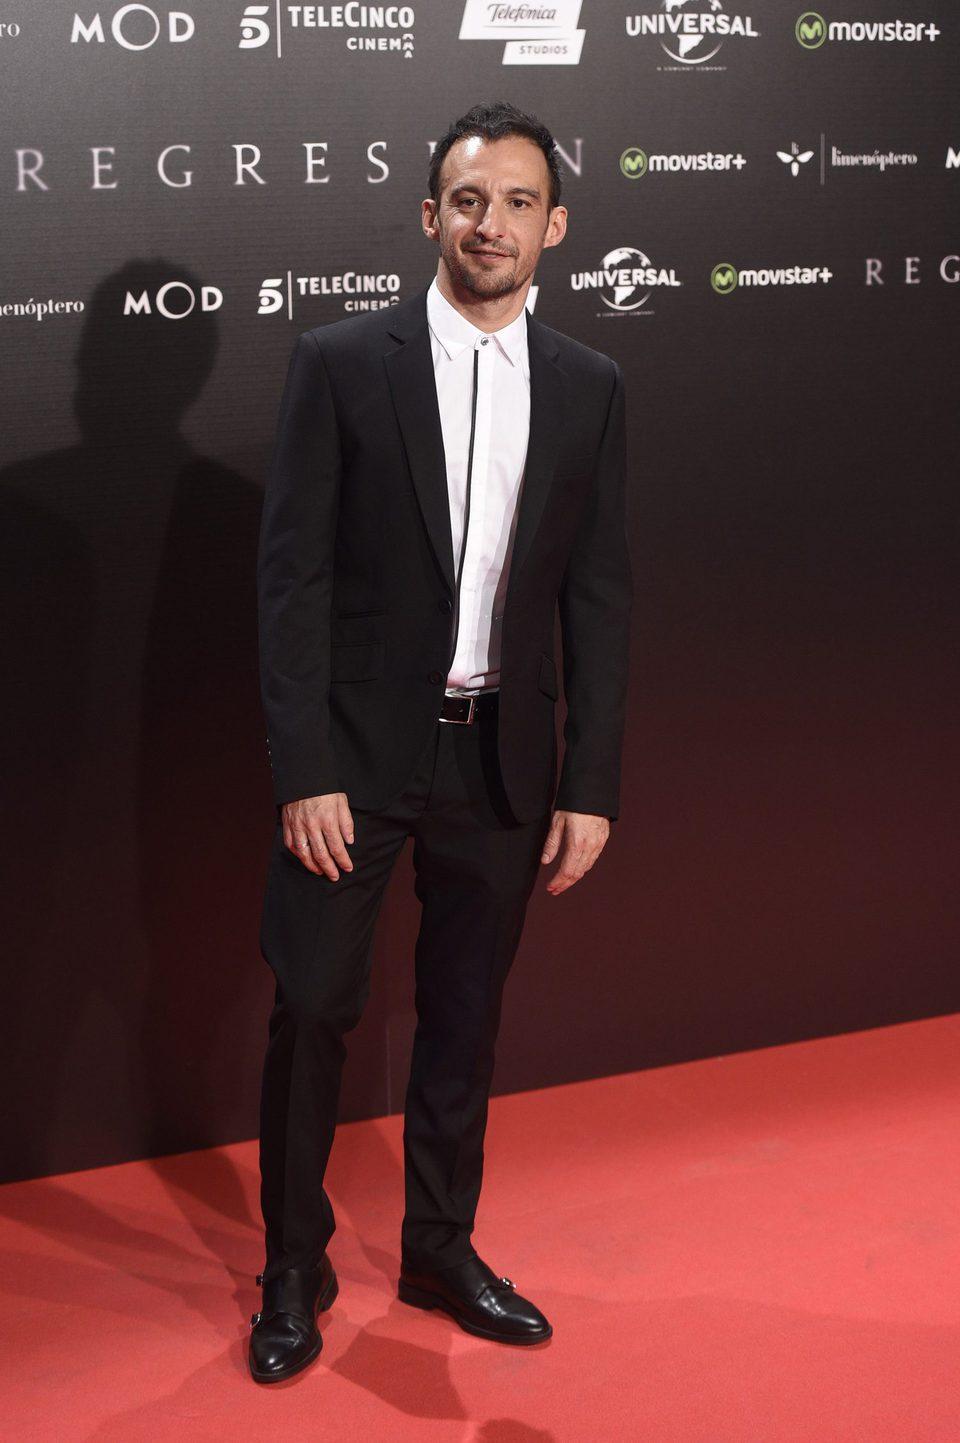 Alejandro Amenábar en la Premiere de 'Regresión' en Madrid